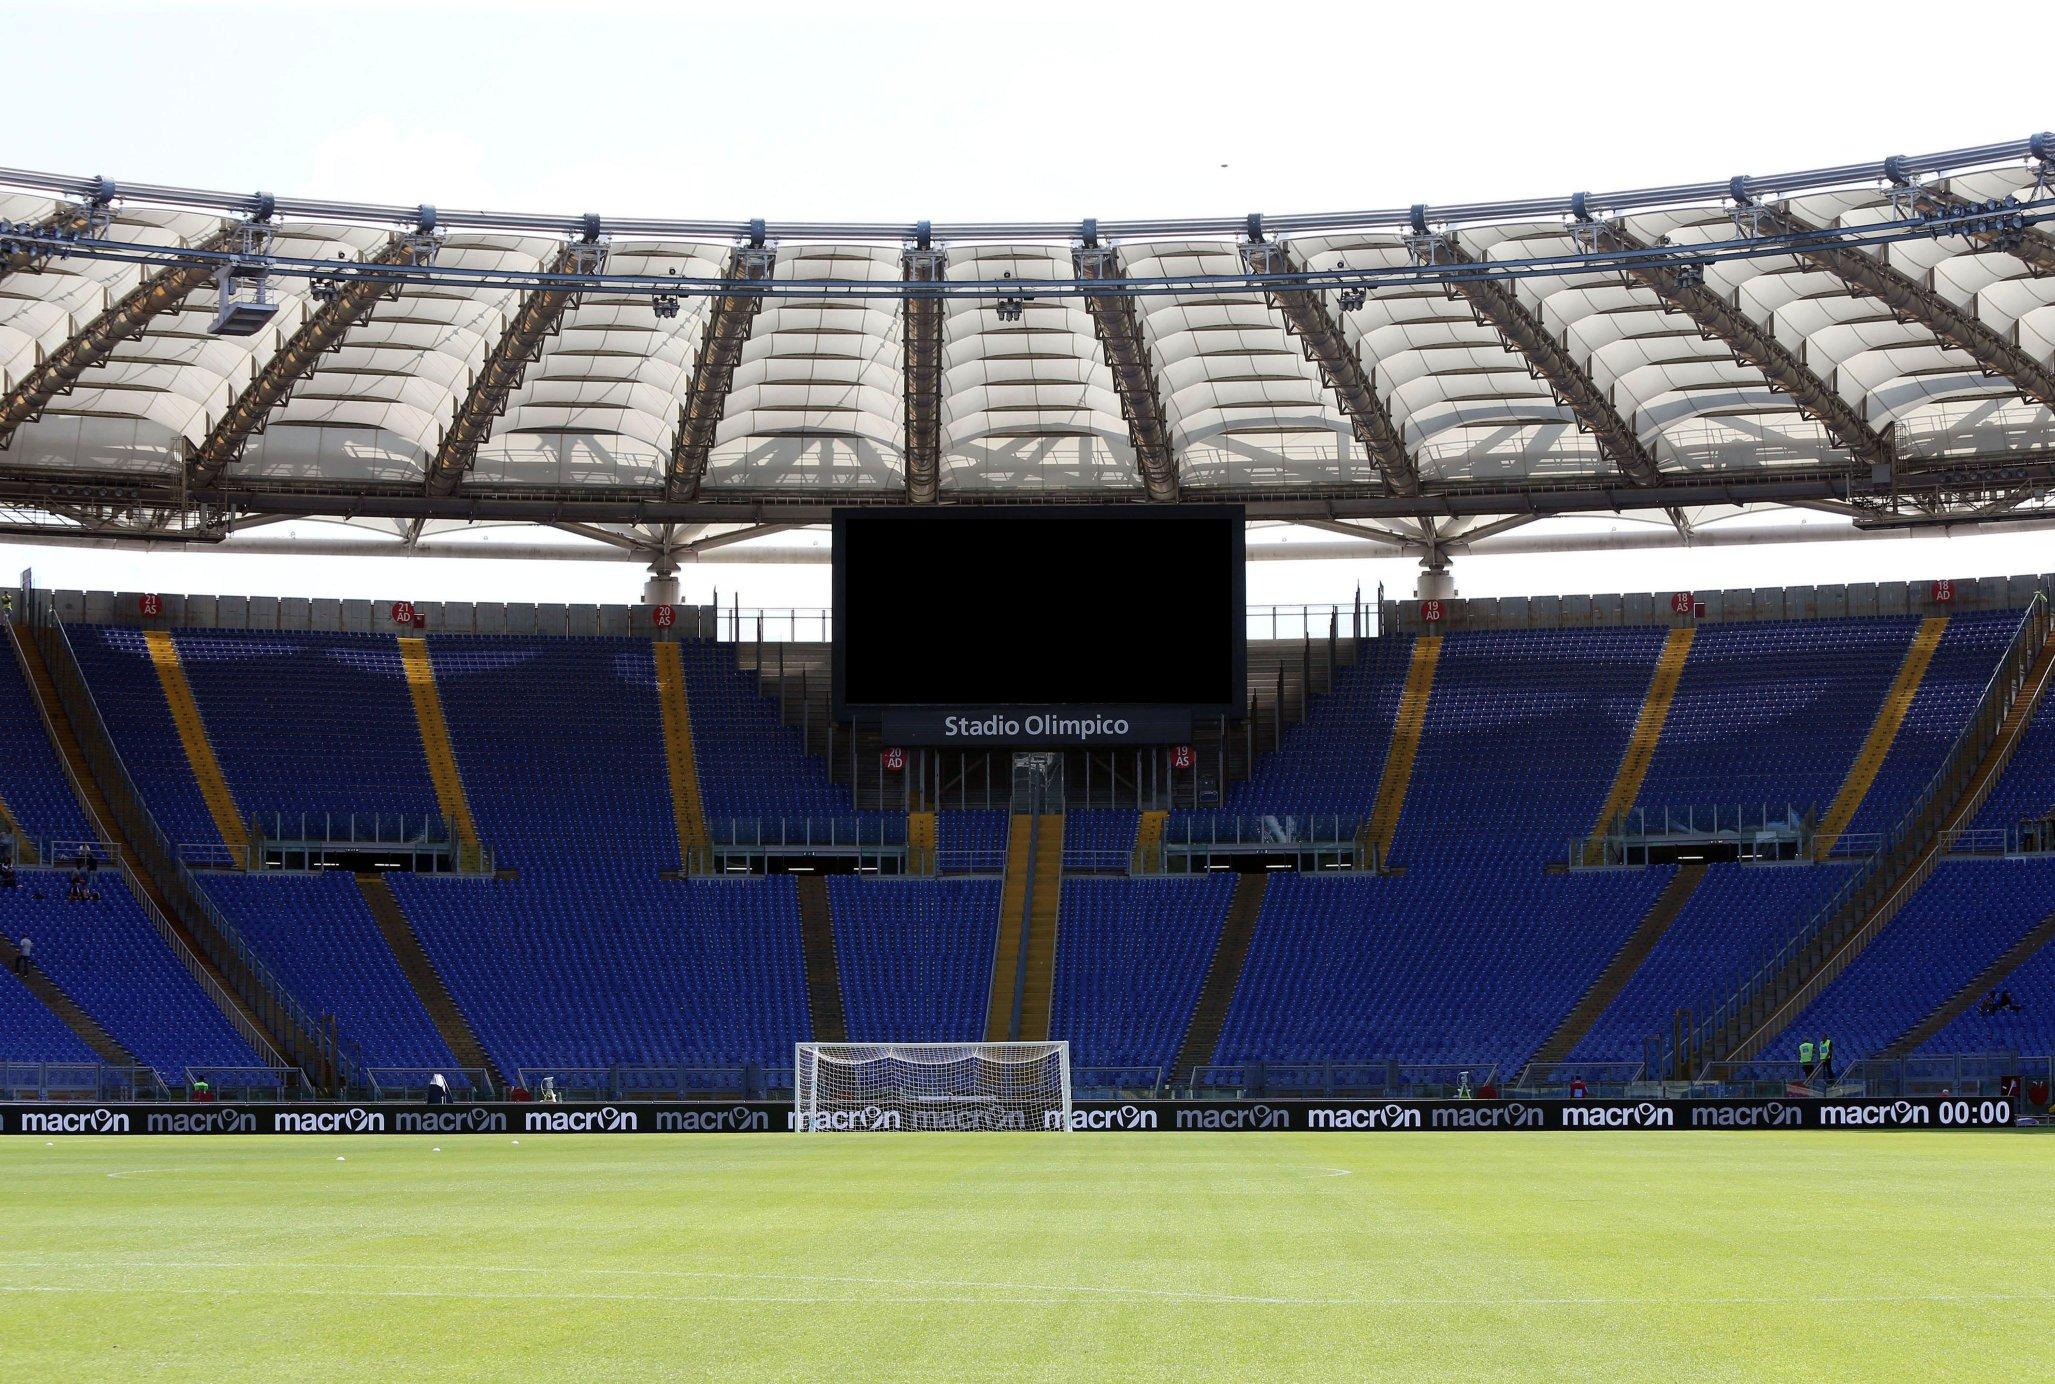 Serie A 2019-20, calendario dirette Sky e DAZN fino alla 35esima giornata